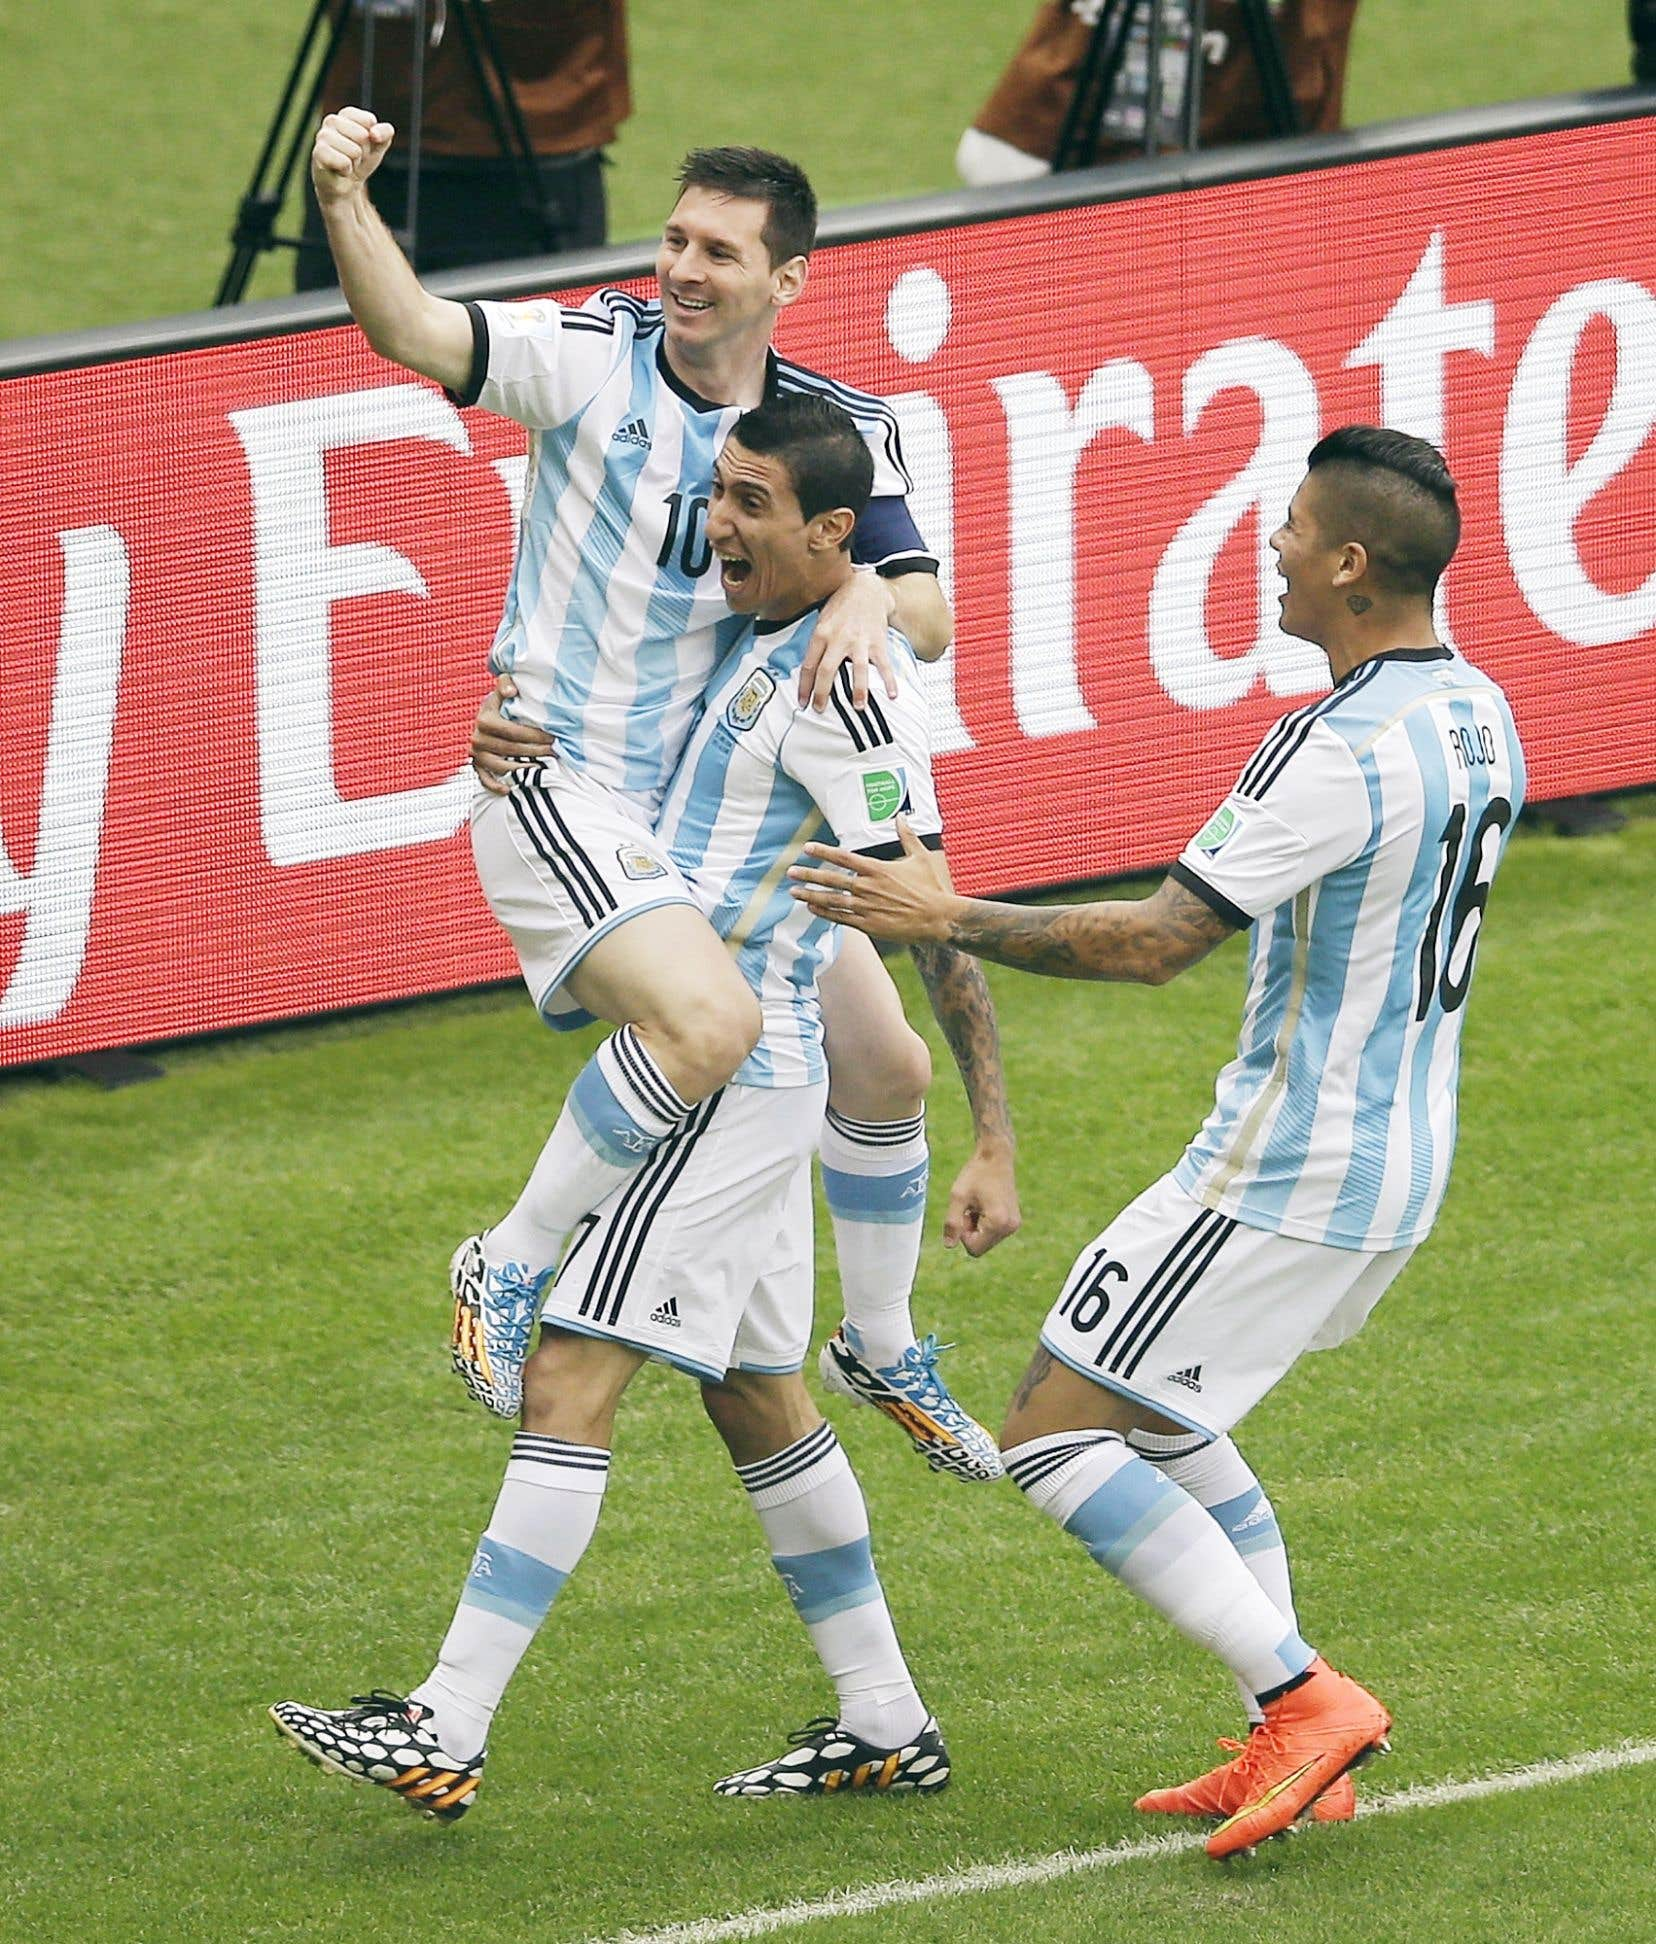 Lionel Messi a sauté dans les bras de son coéquipier Angel Di Maria après avoir marqué son premier but du match.